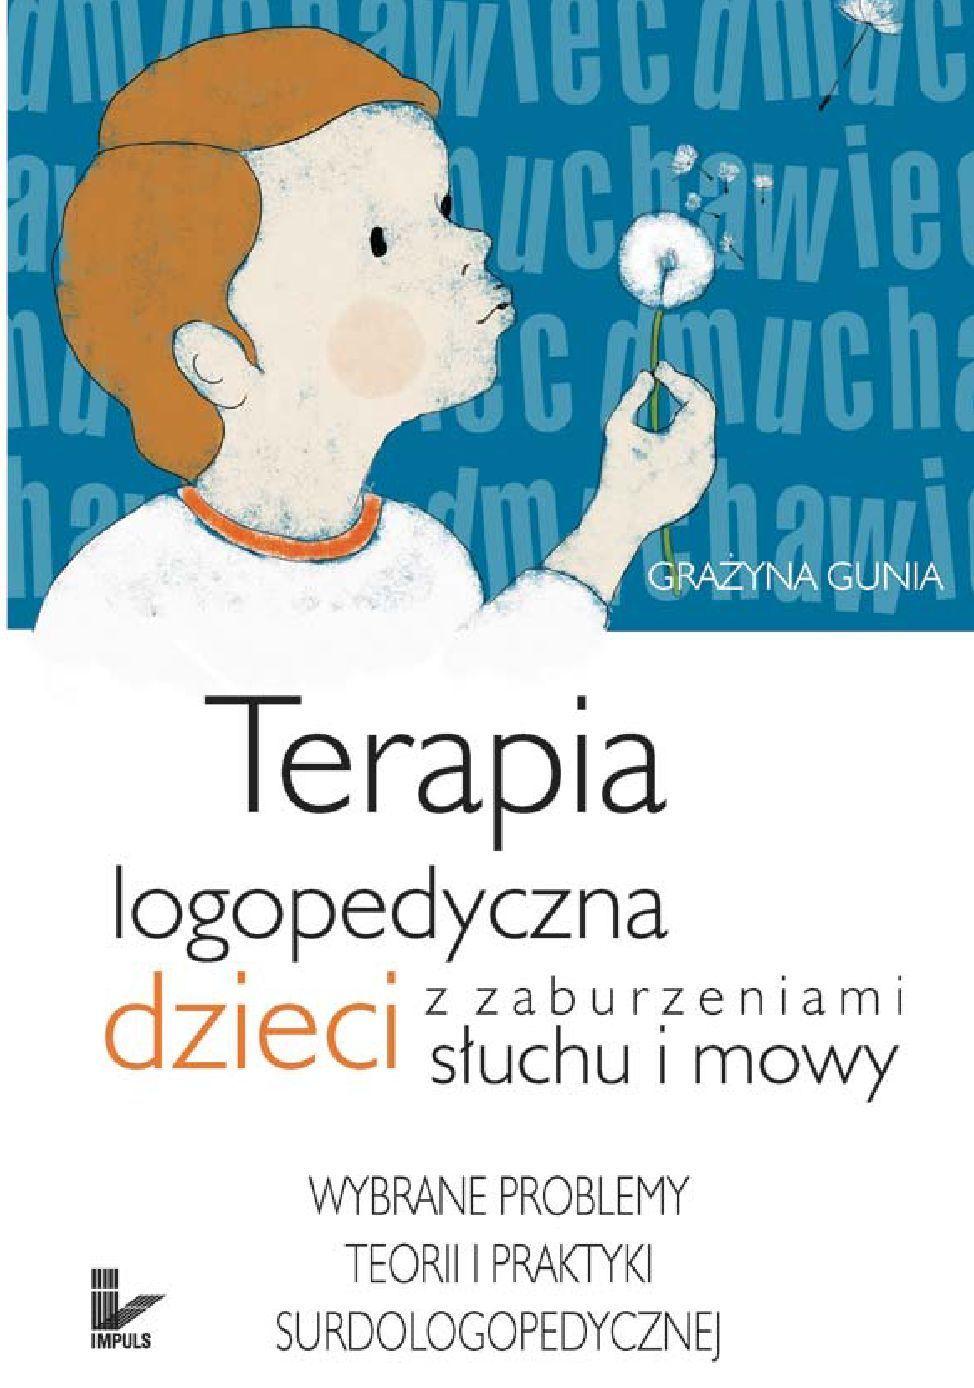 Terapia logopedyczna dzieci z zaburzeniami słuchu i mowy - Ebook (Książka na Kindle) do pobrania w formacie MOBI